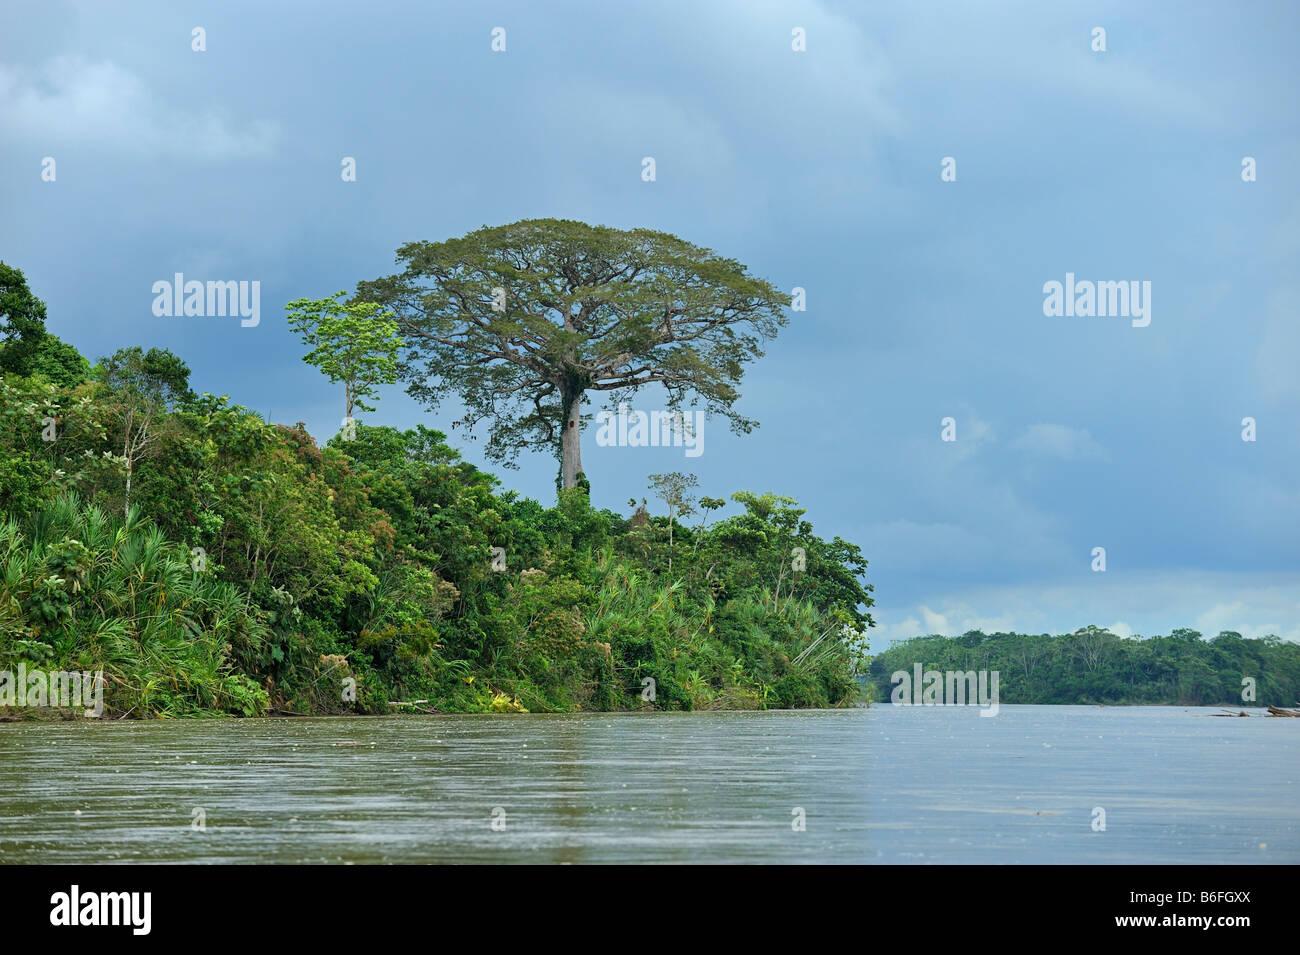 Kapok tree (Ceiba pentandra), known as Ceibo in Ecuador, by the Rio Napo river near the city of El Coca, Ecuador, - Stock Image